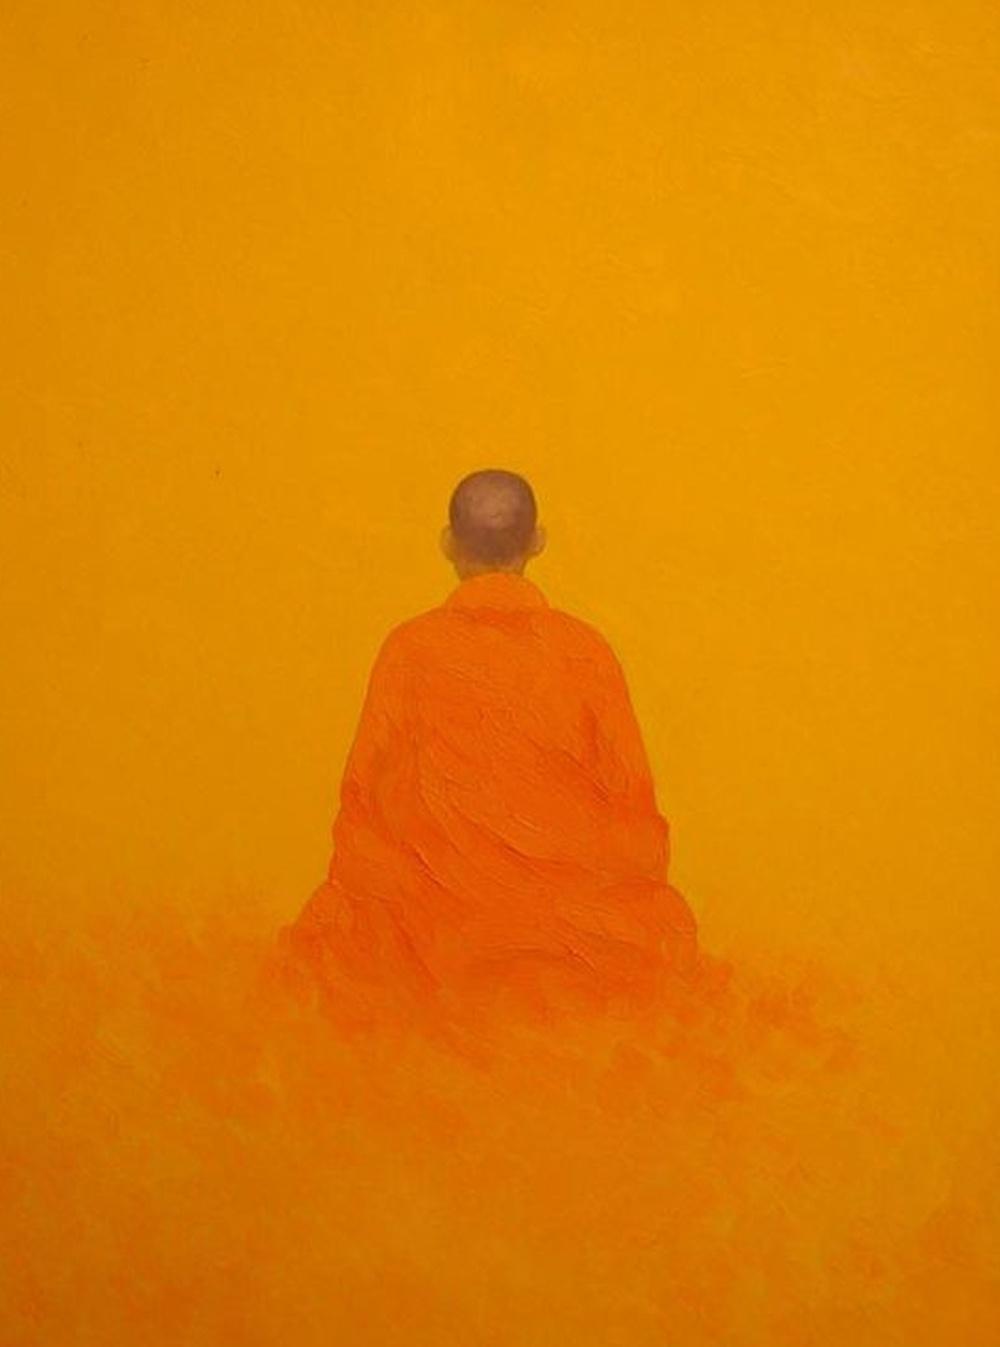 [zazen] S'assoir et méditer, c'est découvrir l'âme humaine telle qu'elle serait sans la civilisation